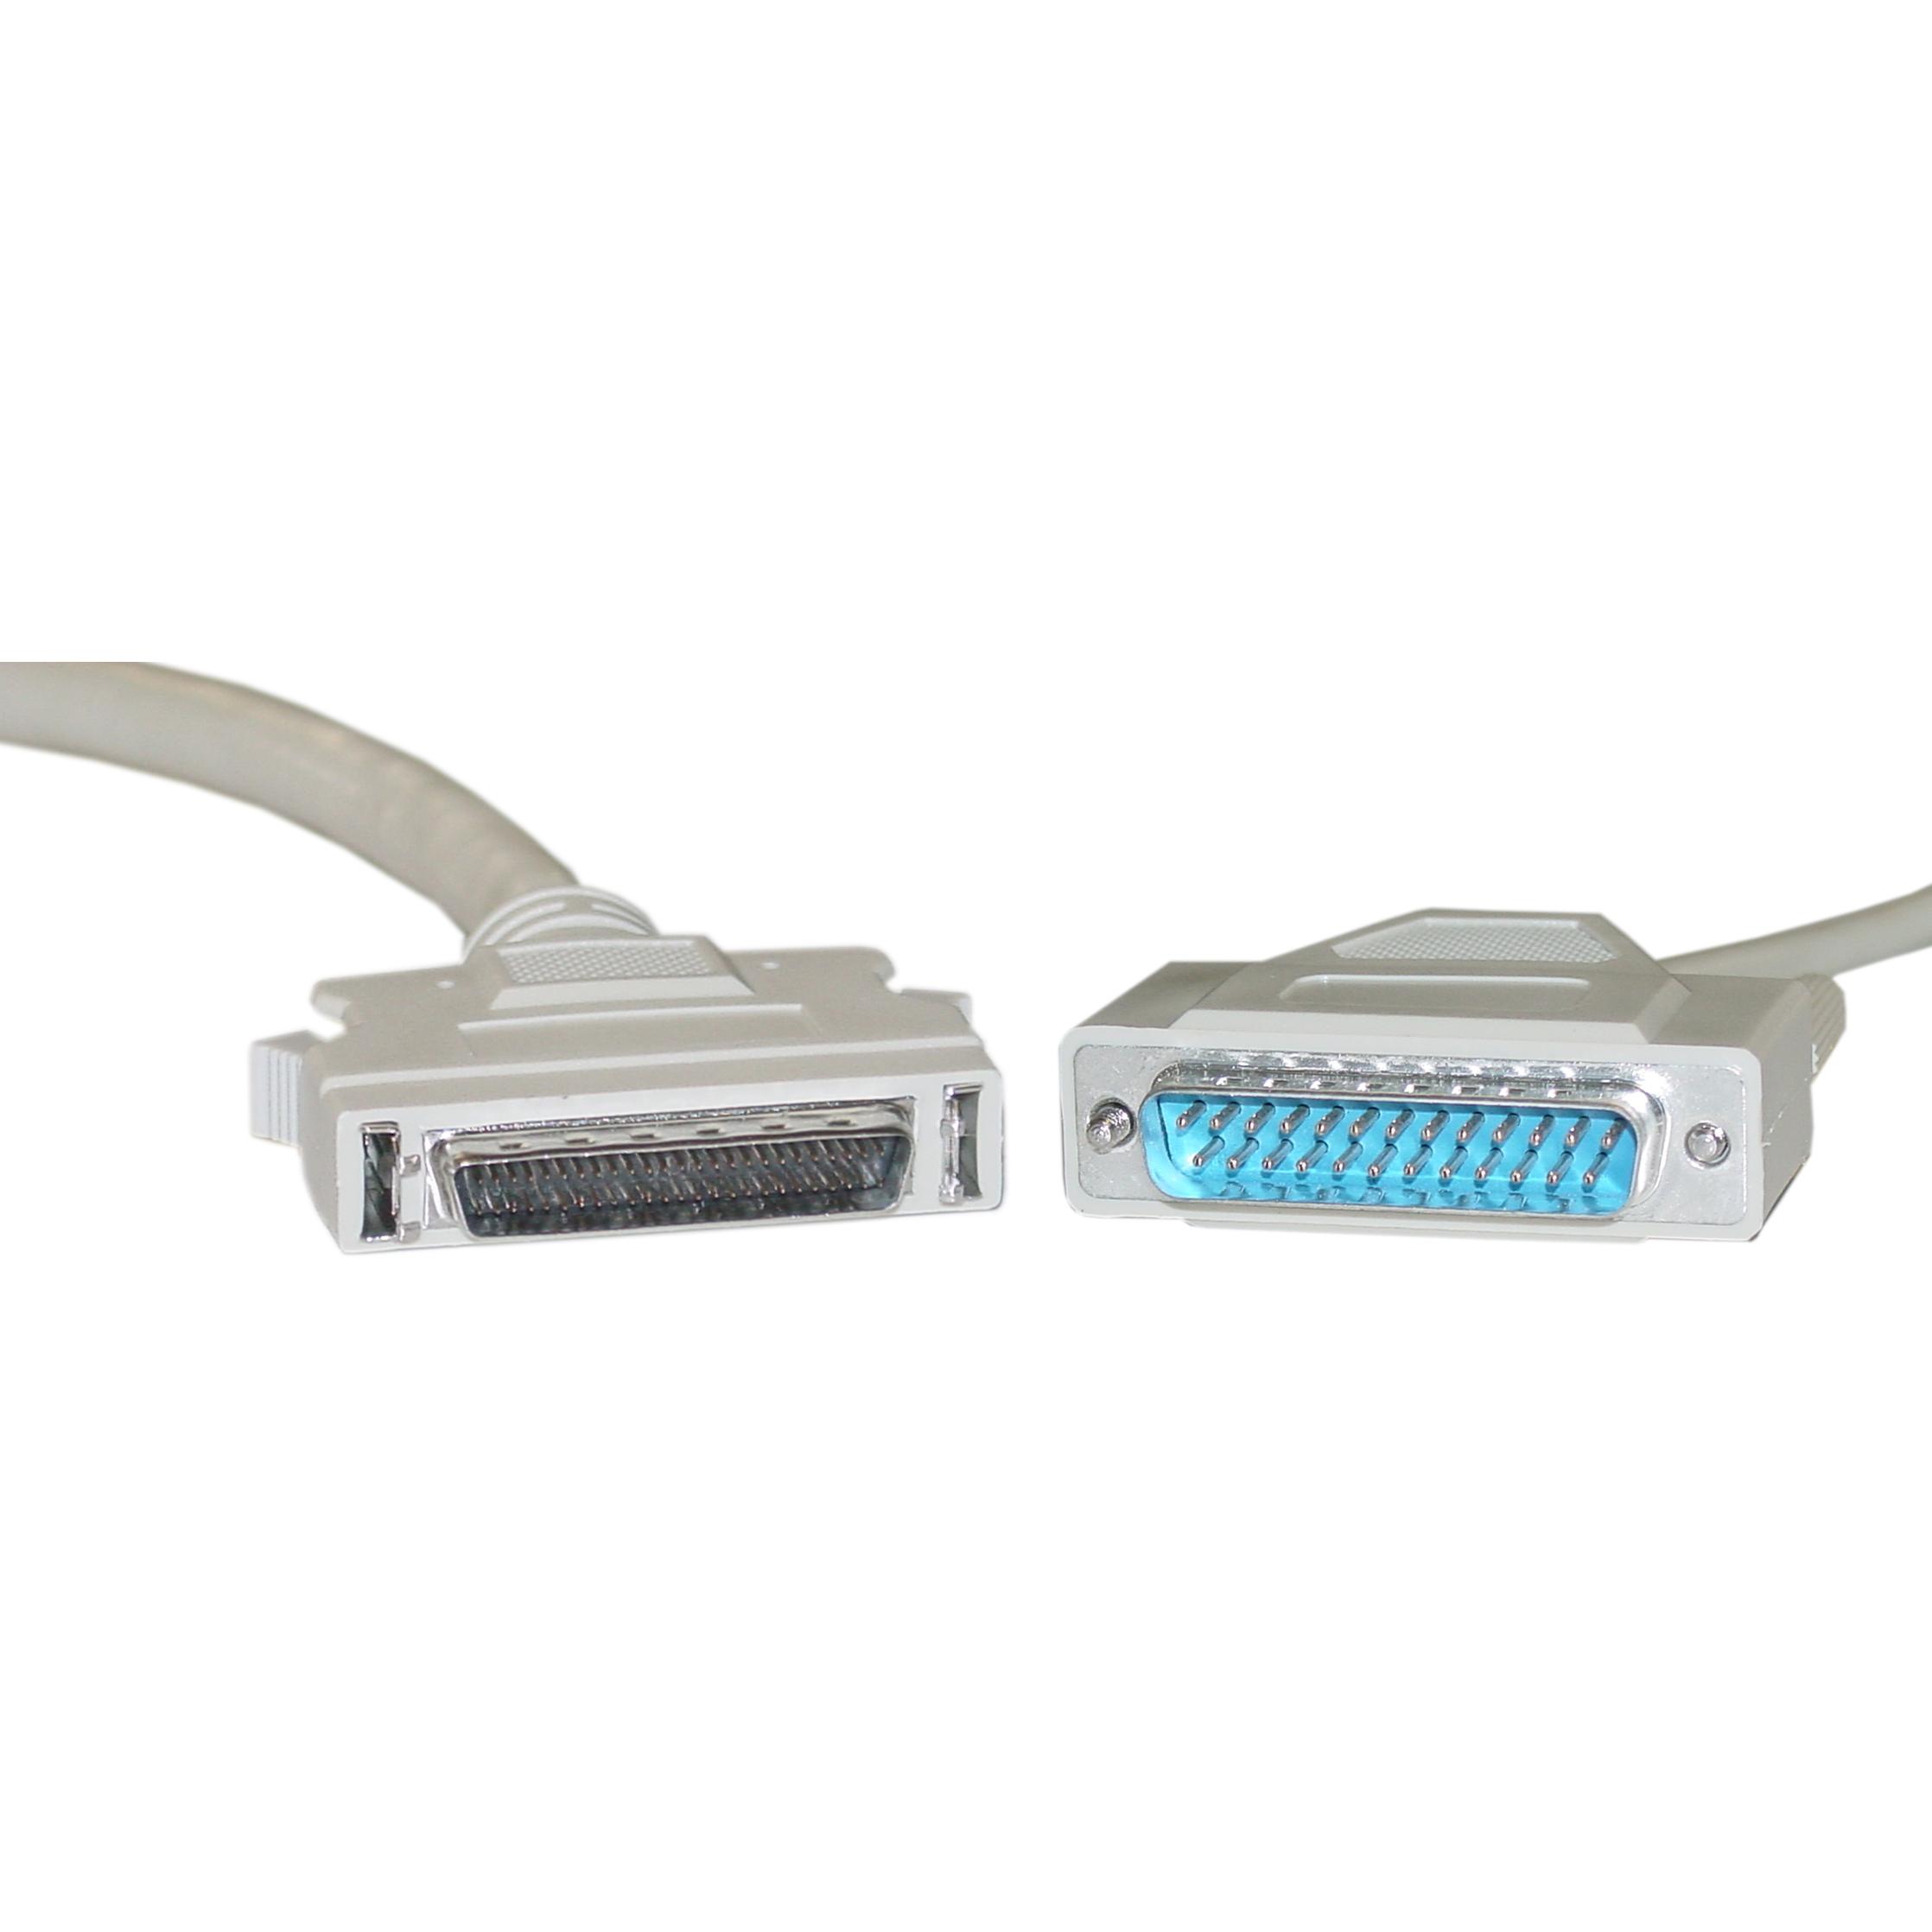 scsi cable 2 pair